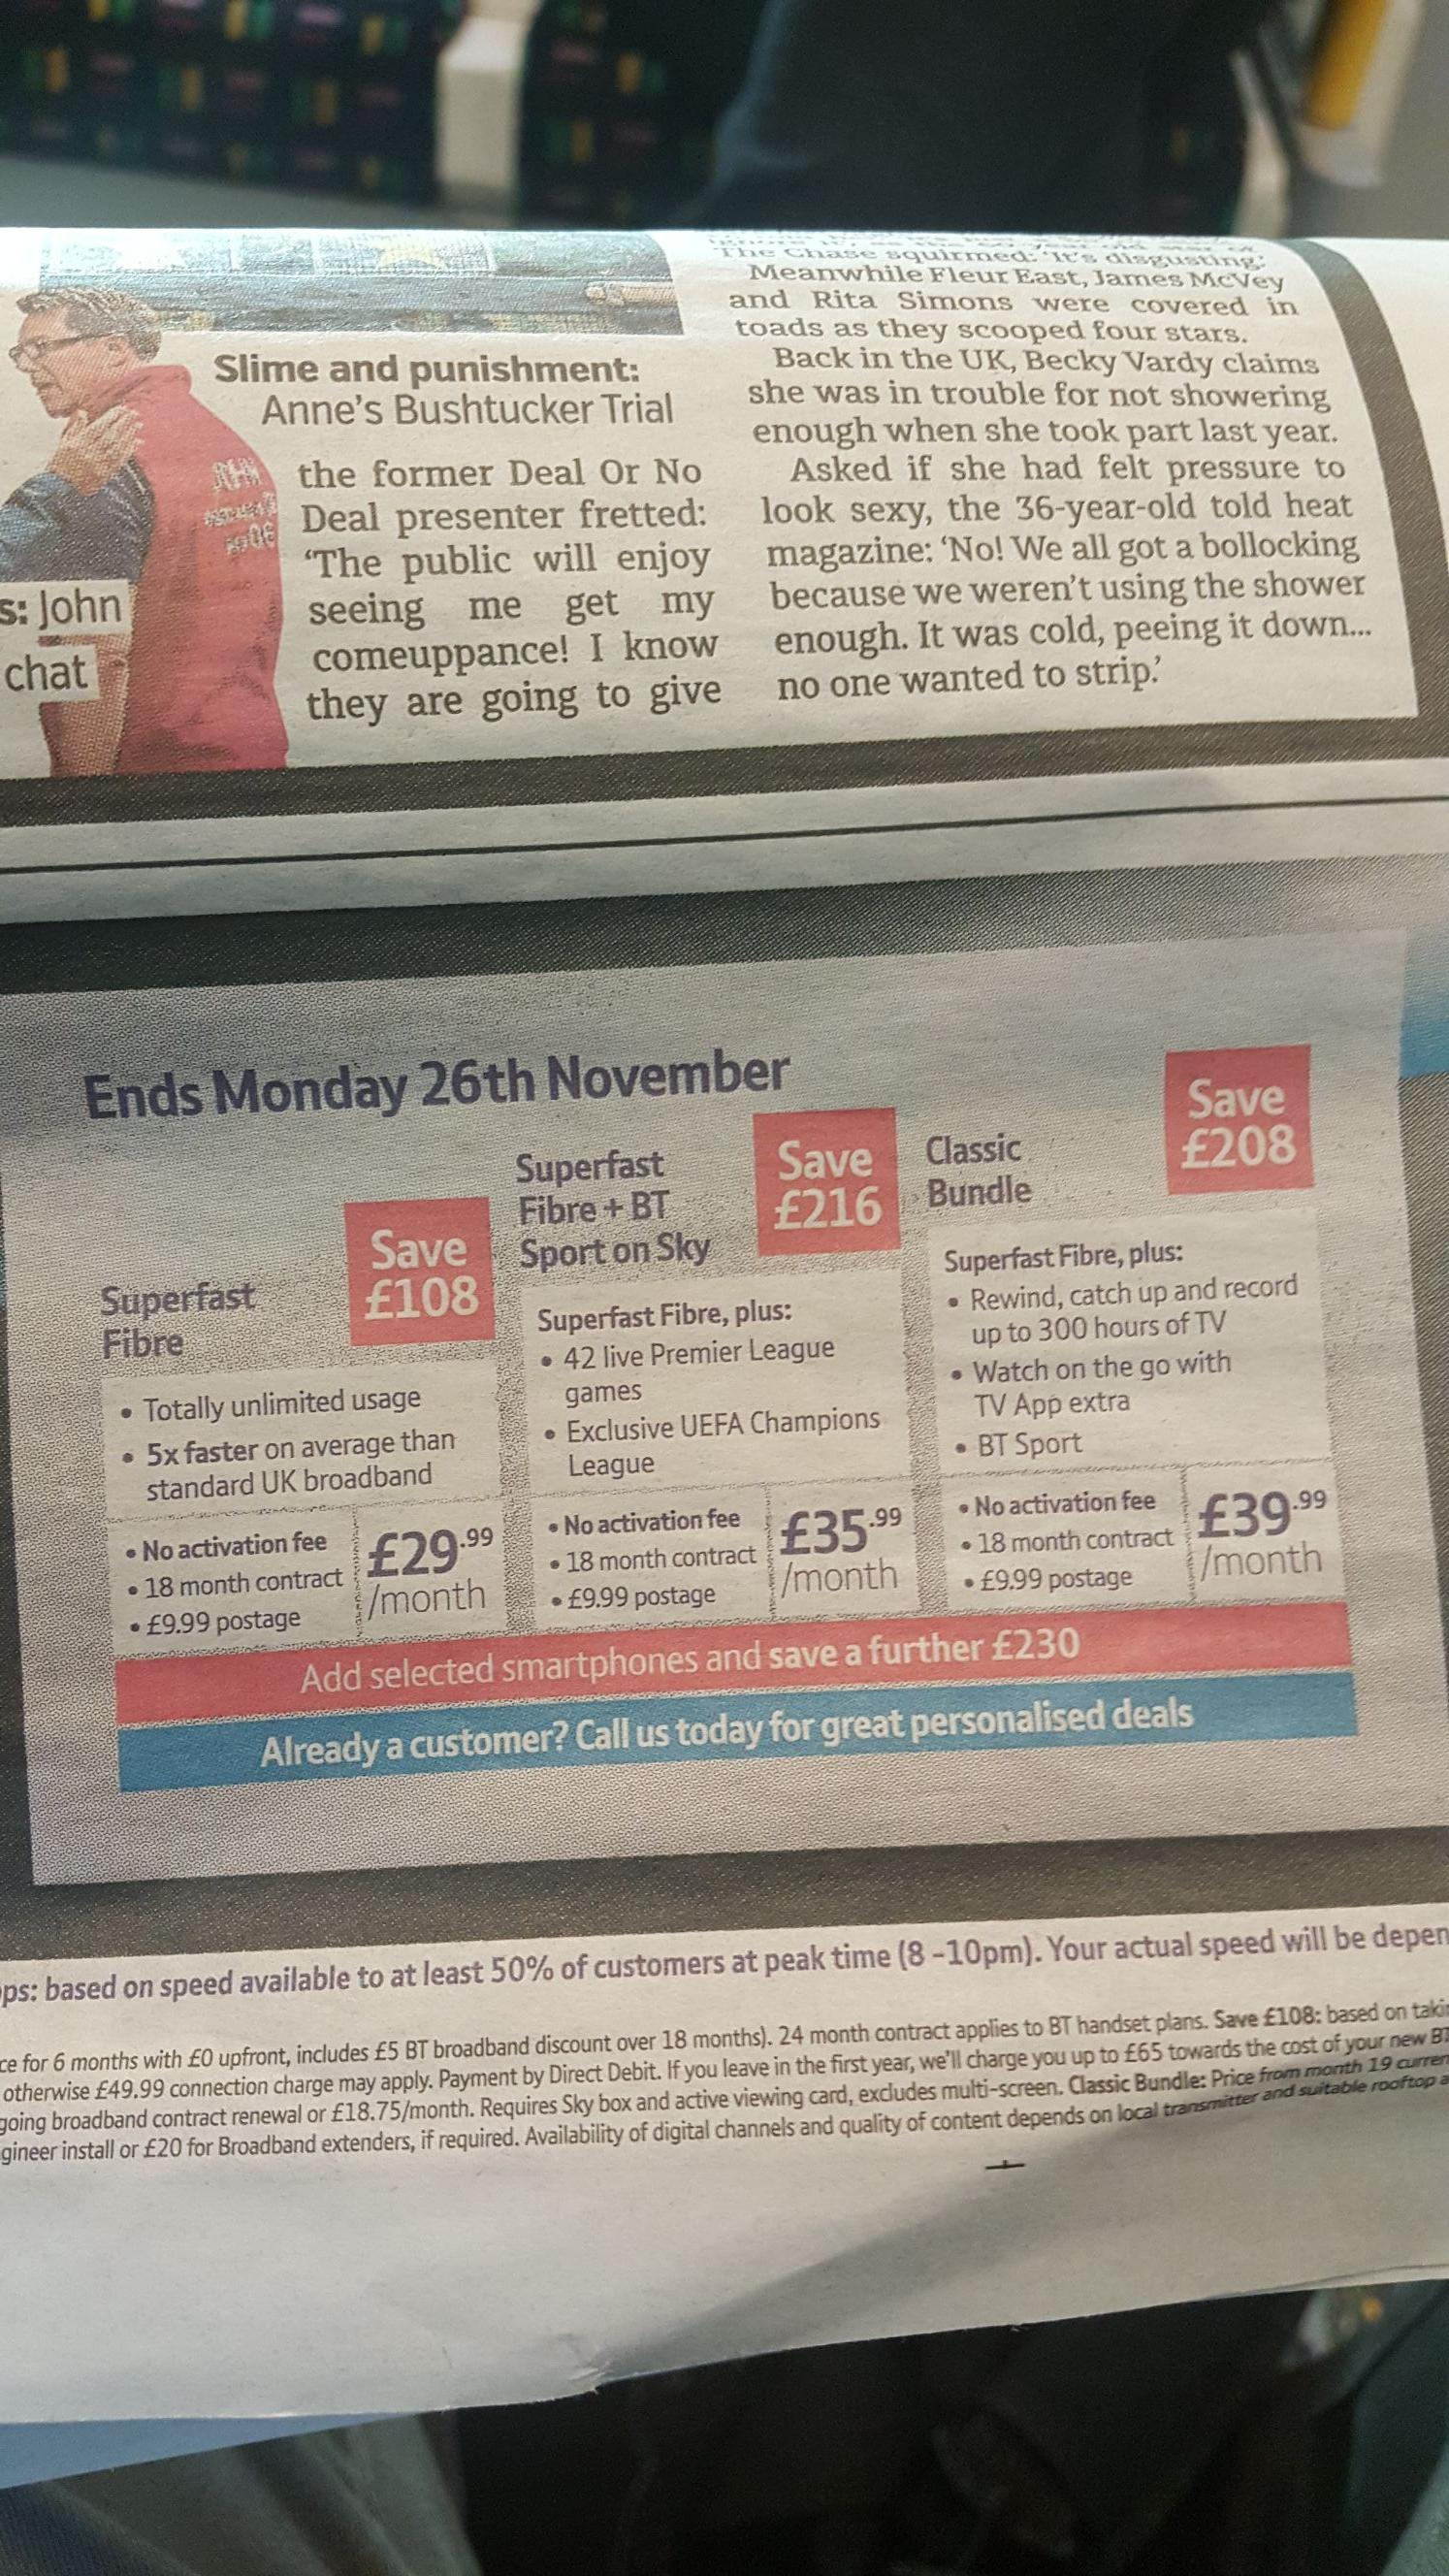 BT Superfast Broadband + BT Sports 18 months £35.99 p/m - £9.99 postage - £657.81